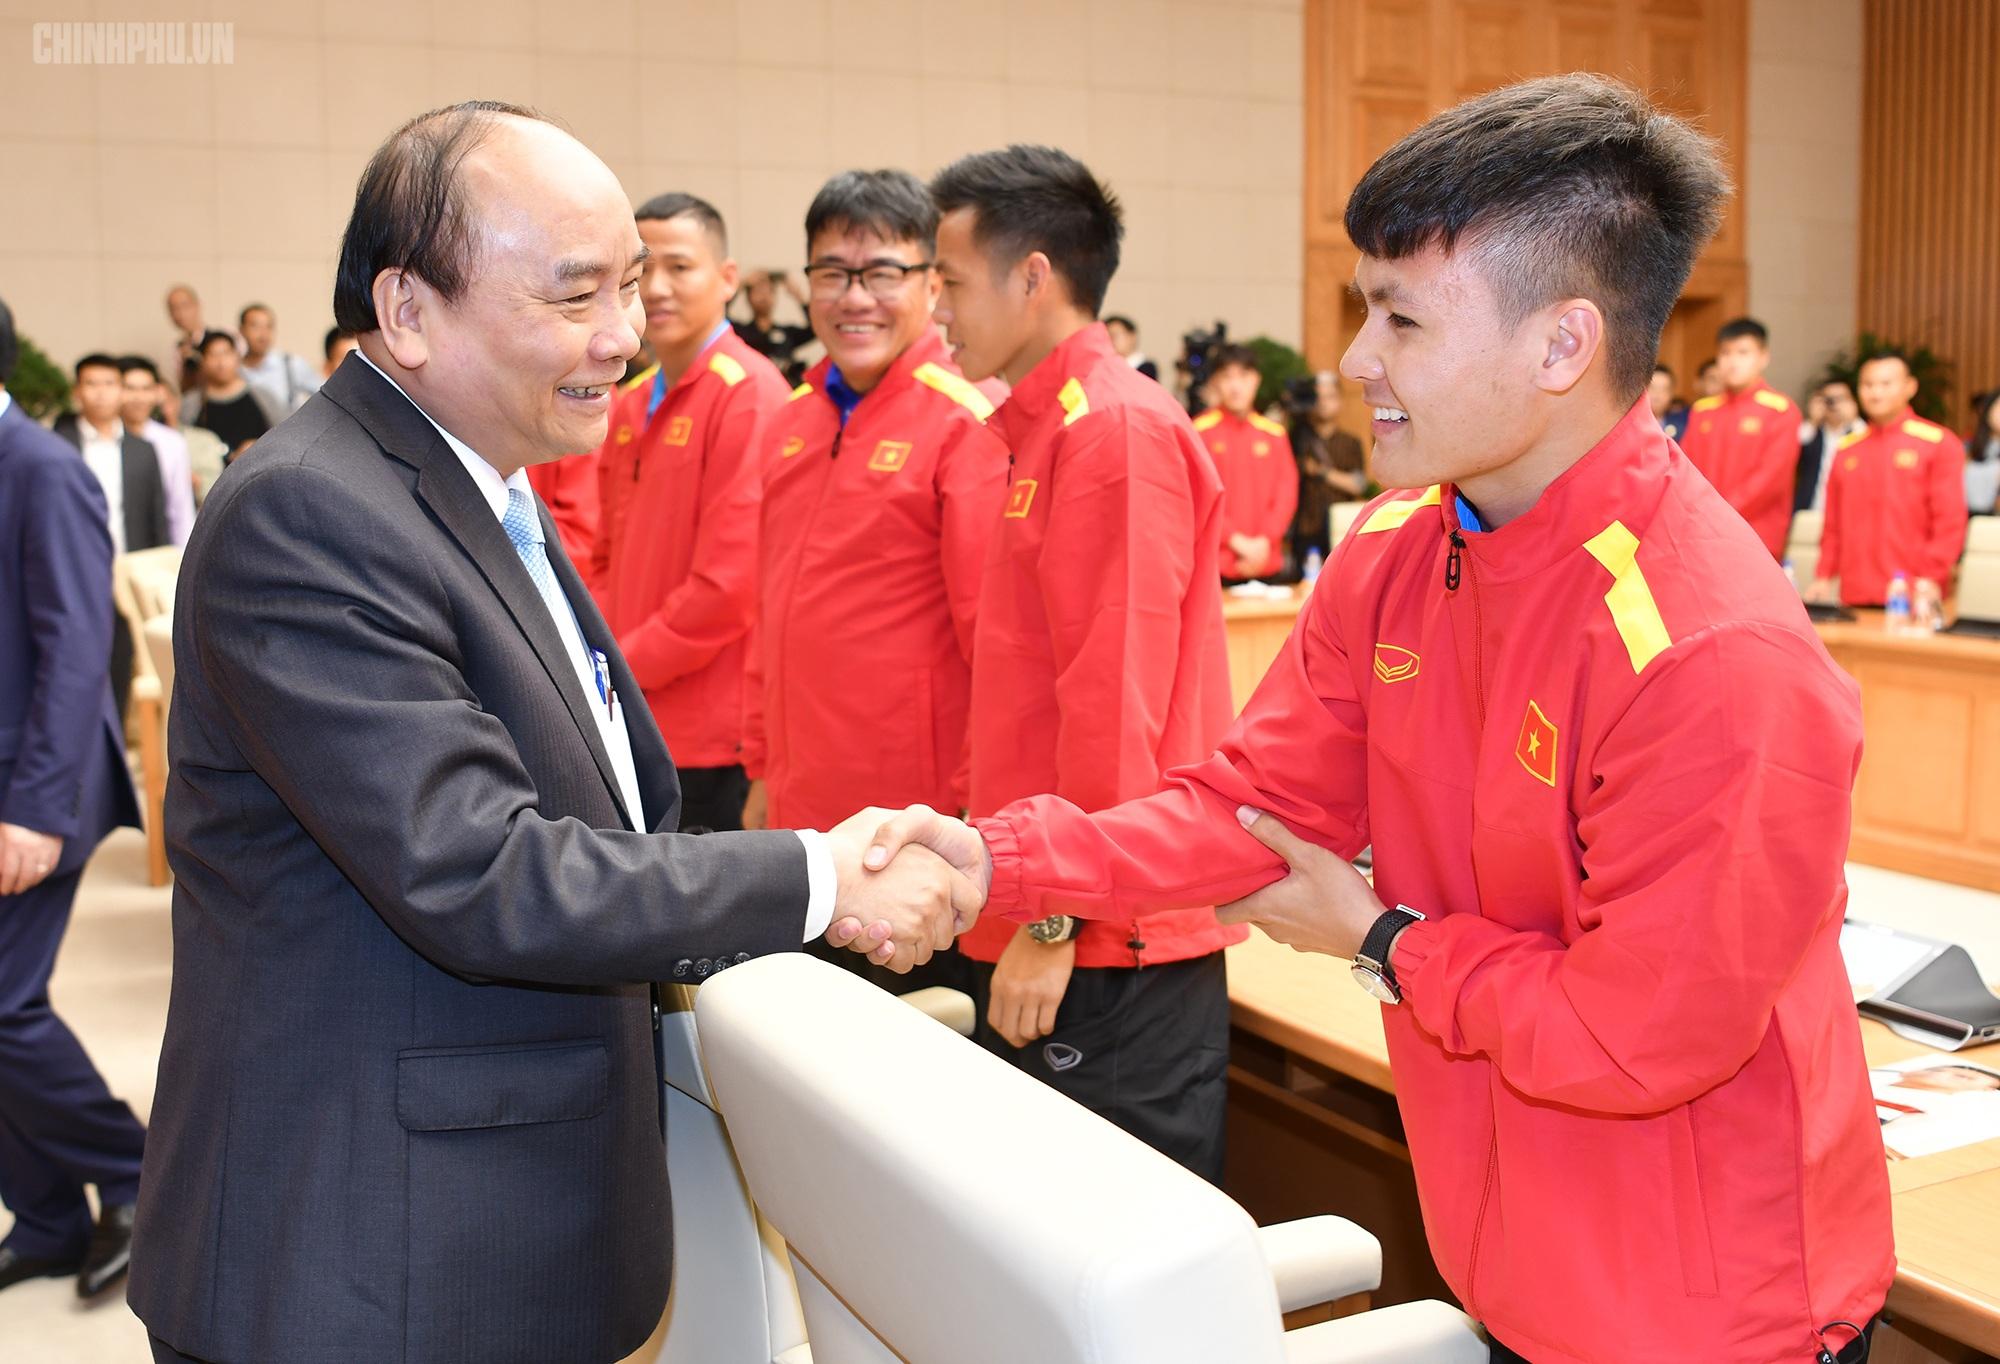 Thủ tướng điện thoại cho HLV Park Hang-seo động viên các tuyển thủ Việt Nam